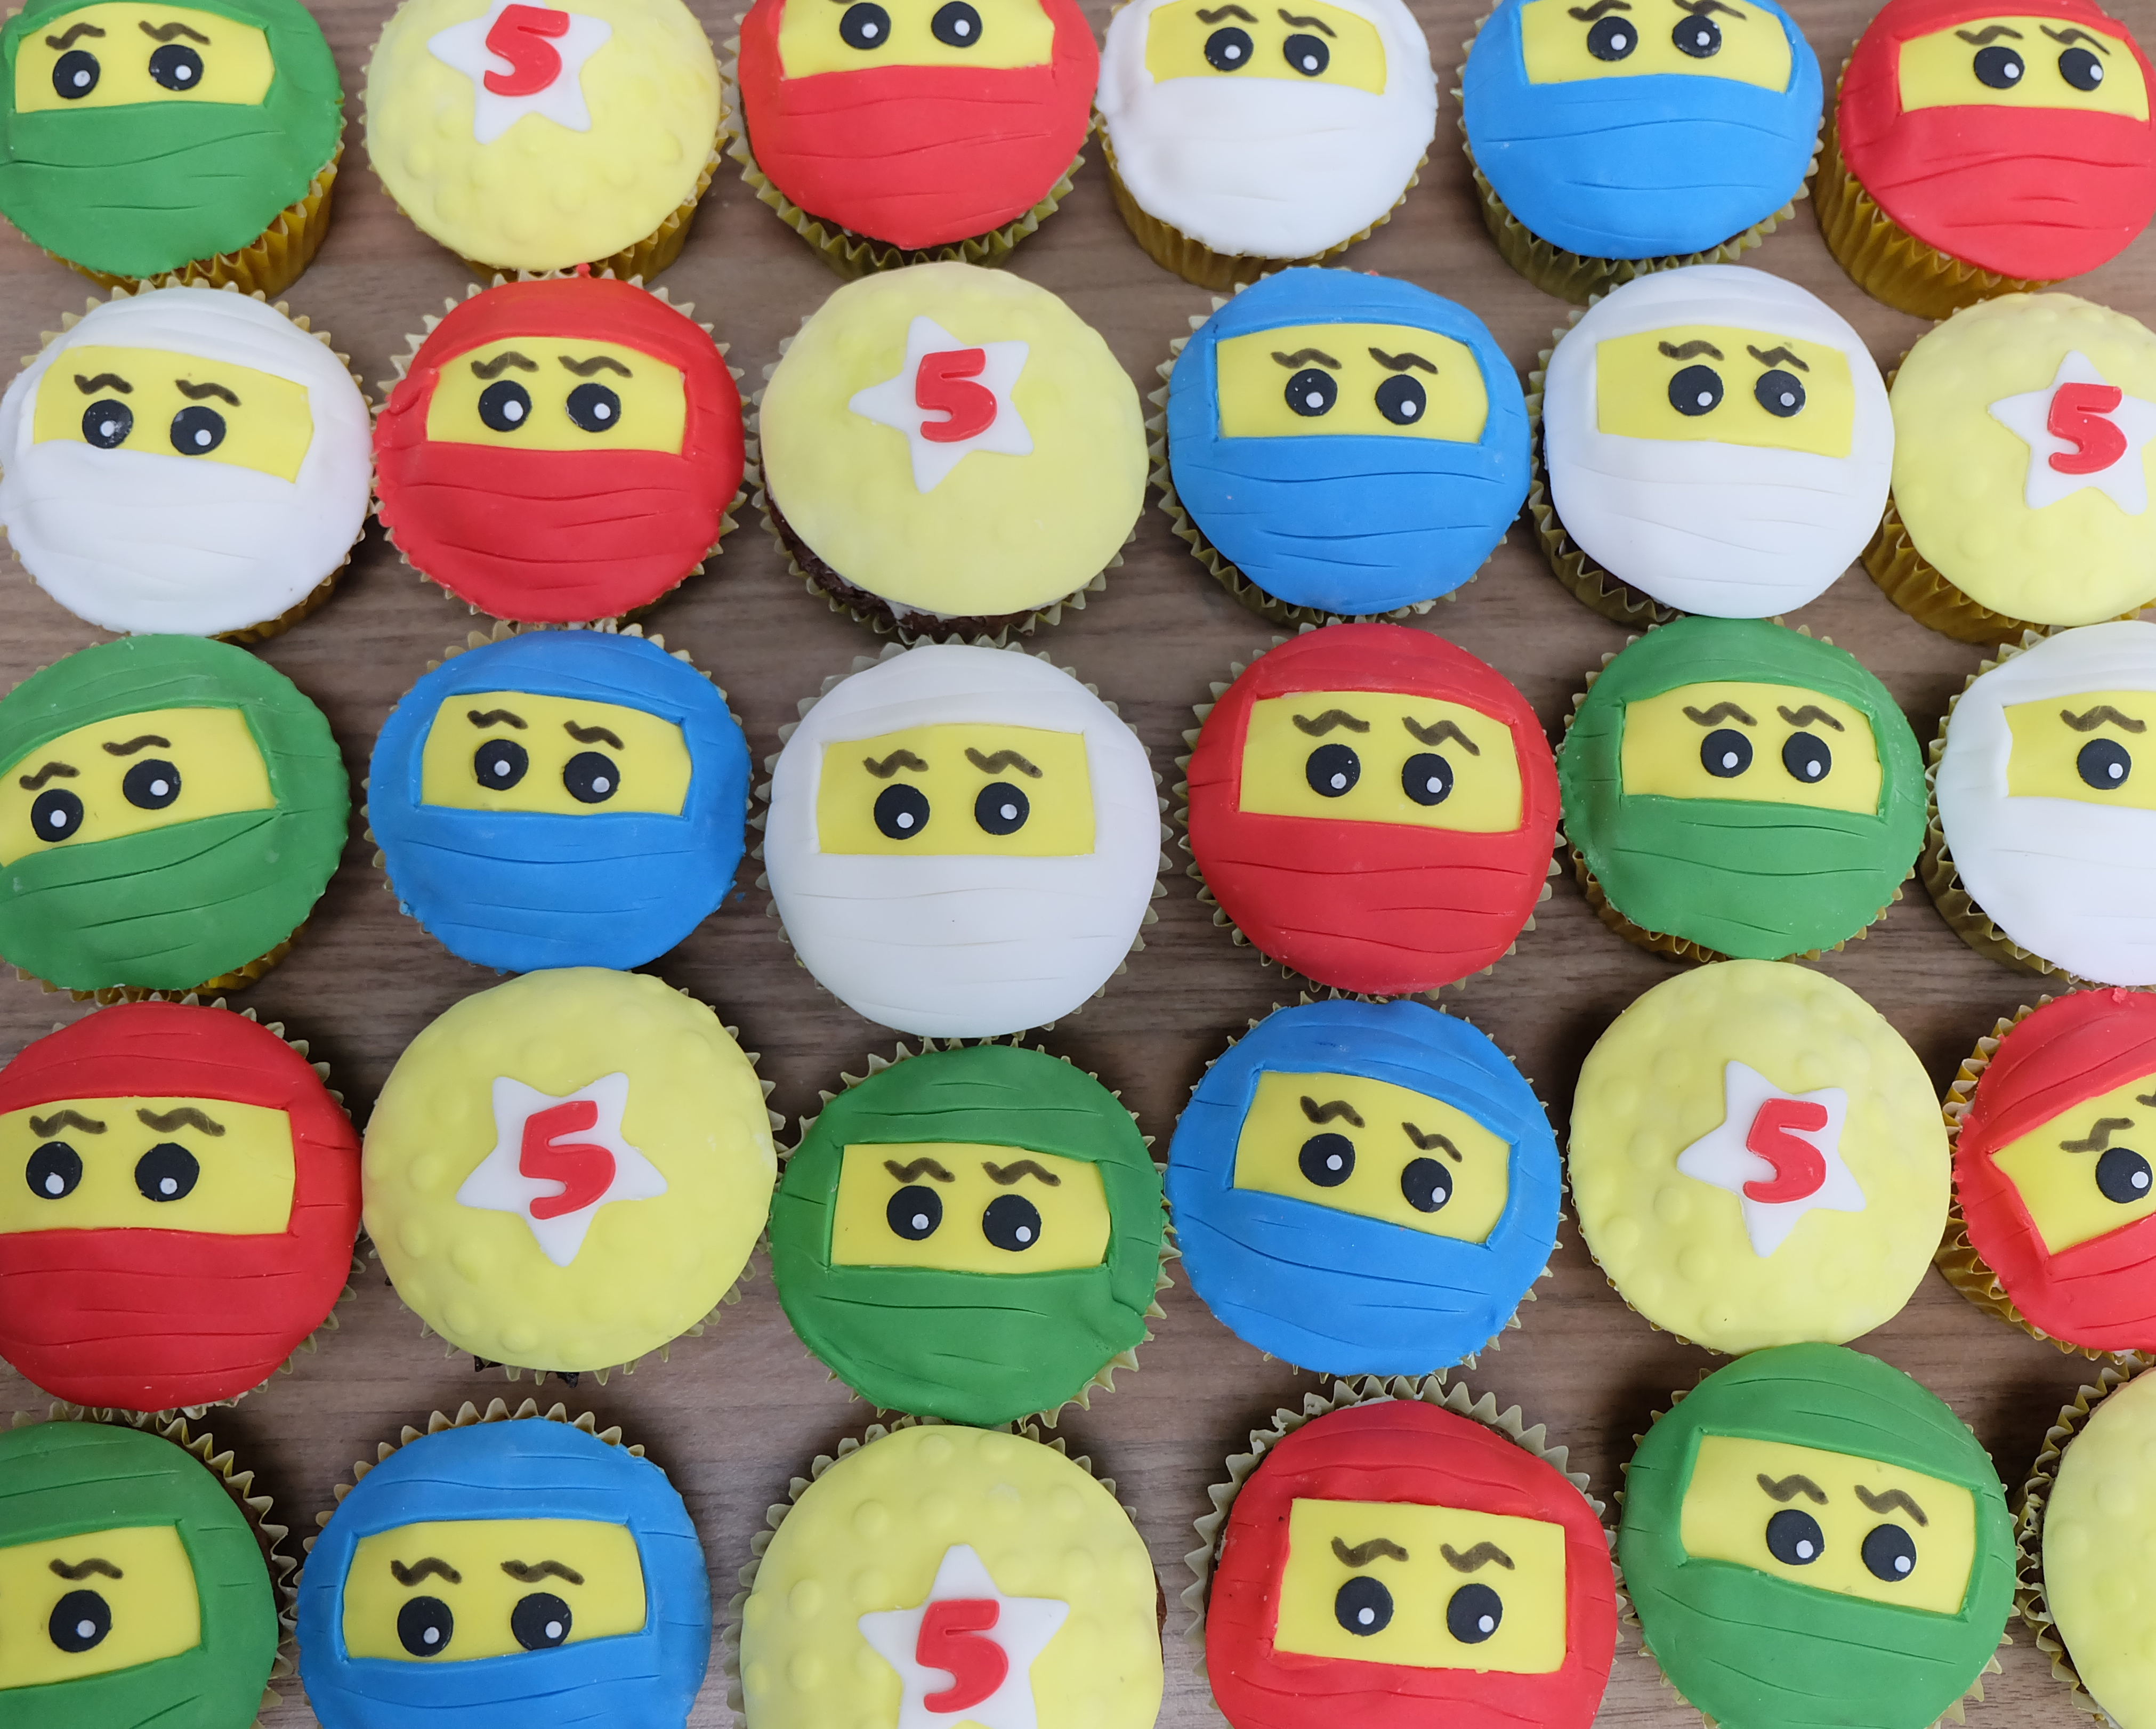 Ningago Cupcakes